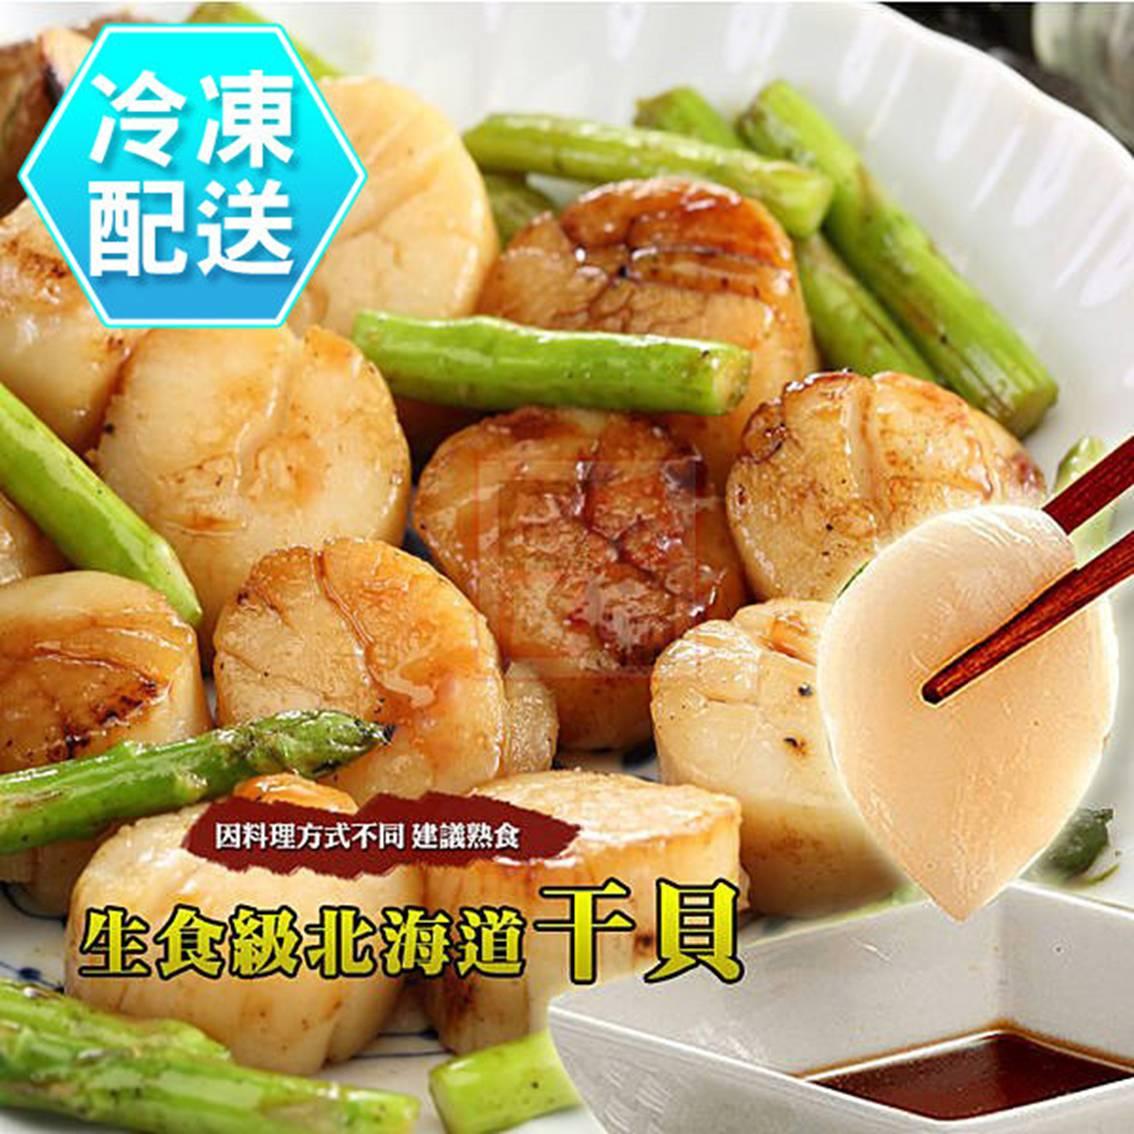 日本北海道生食級鮮干貝 海鮮烤肉   樂活生活館